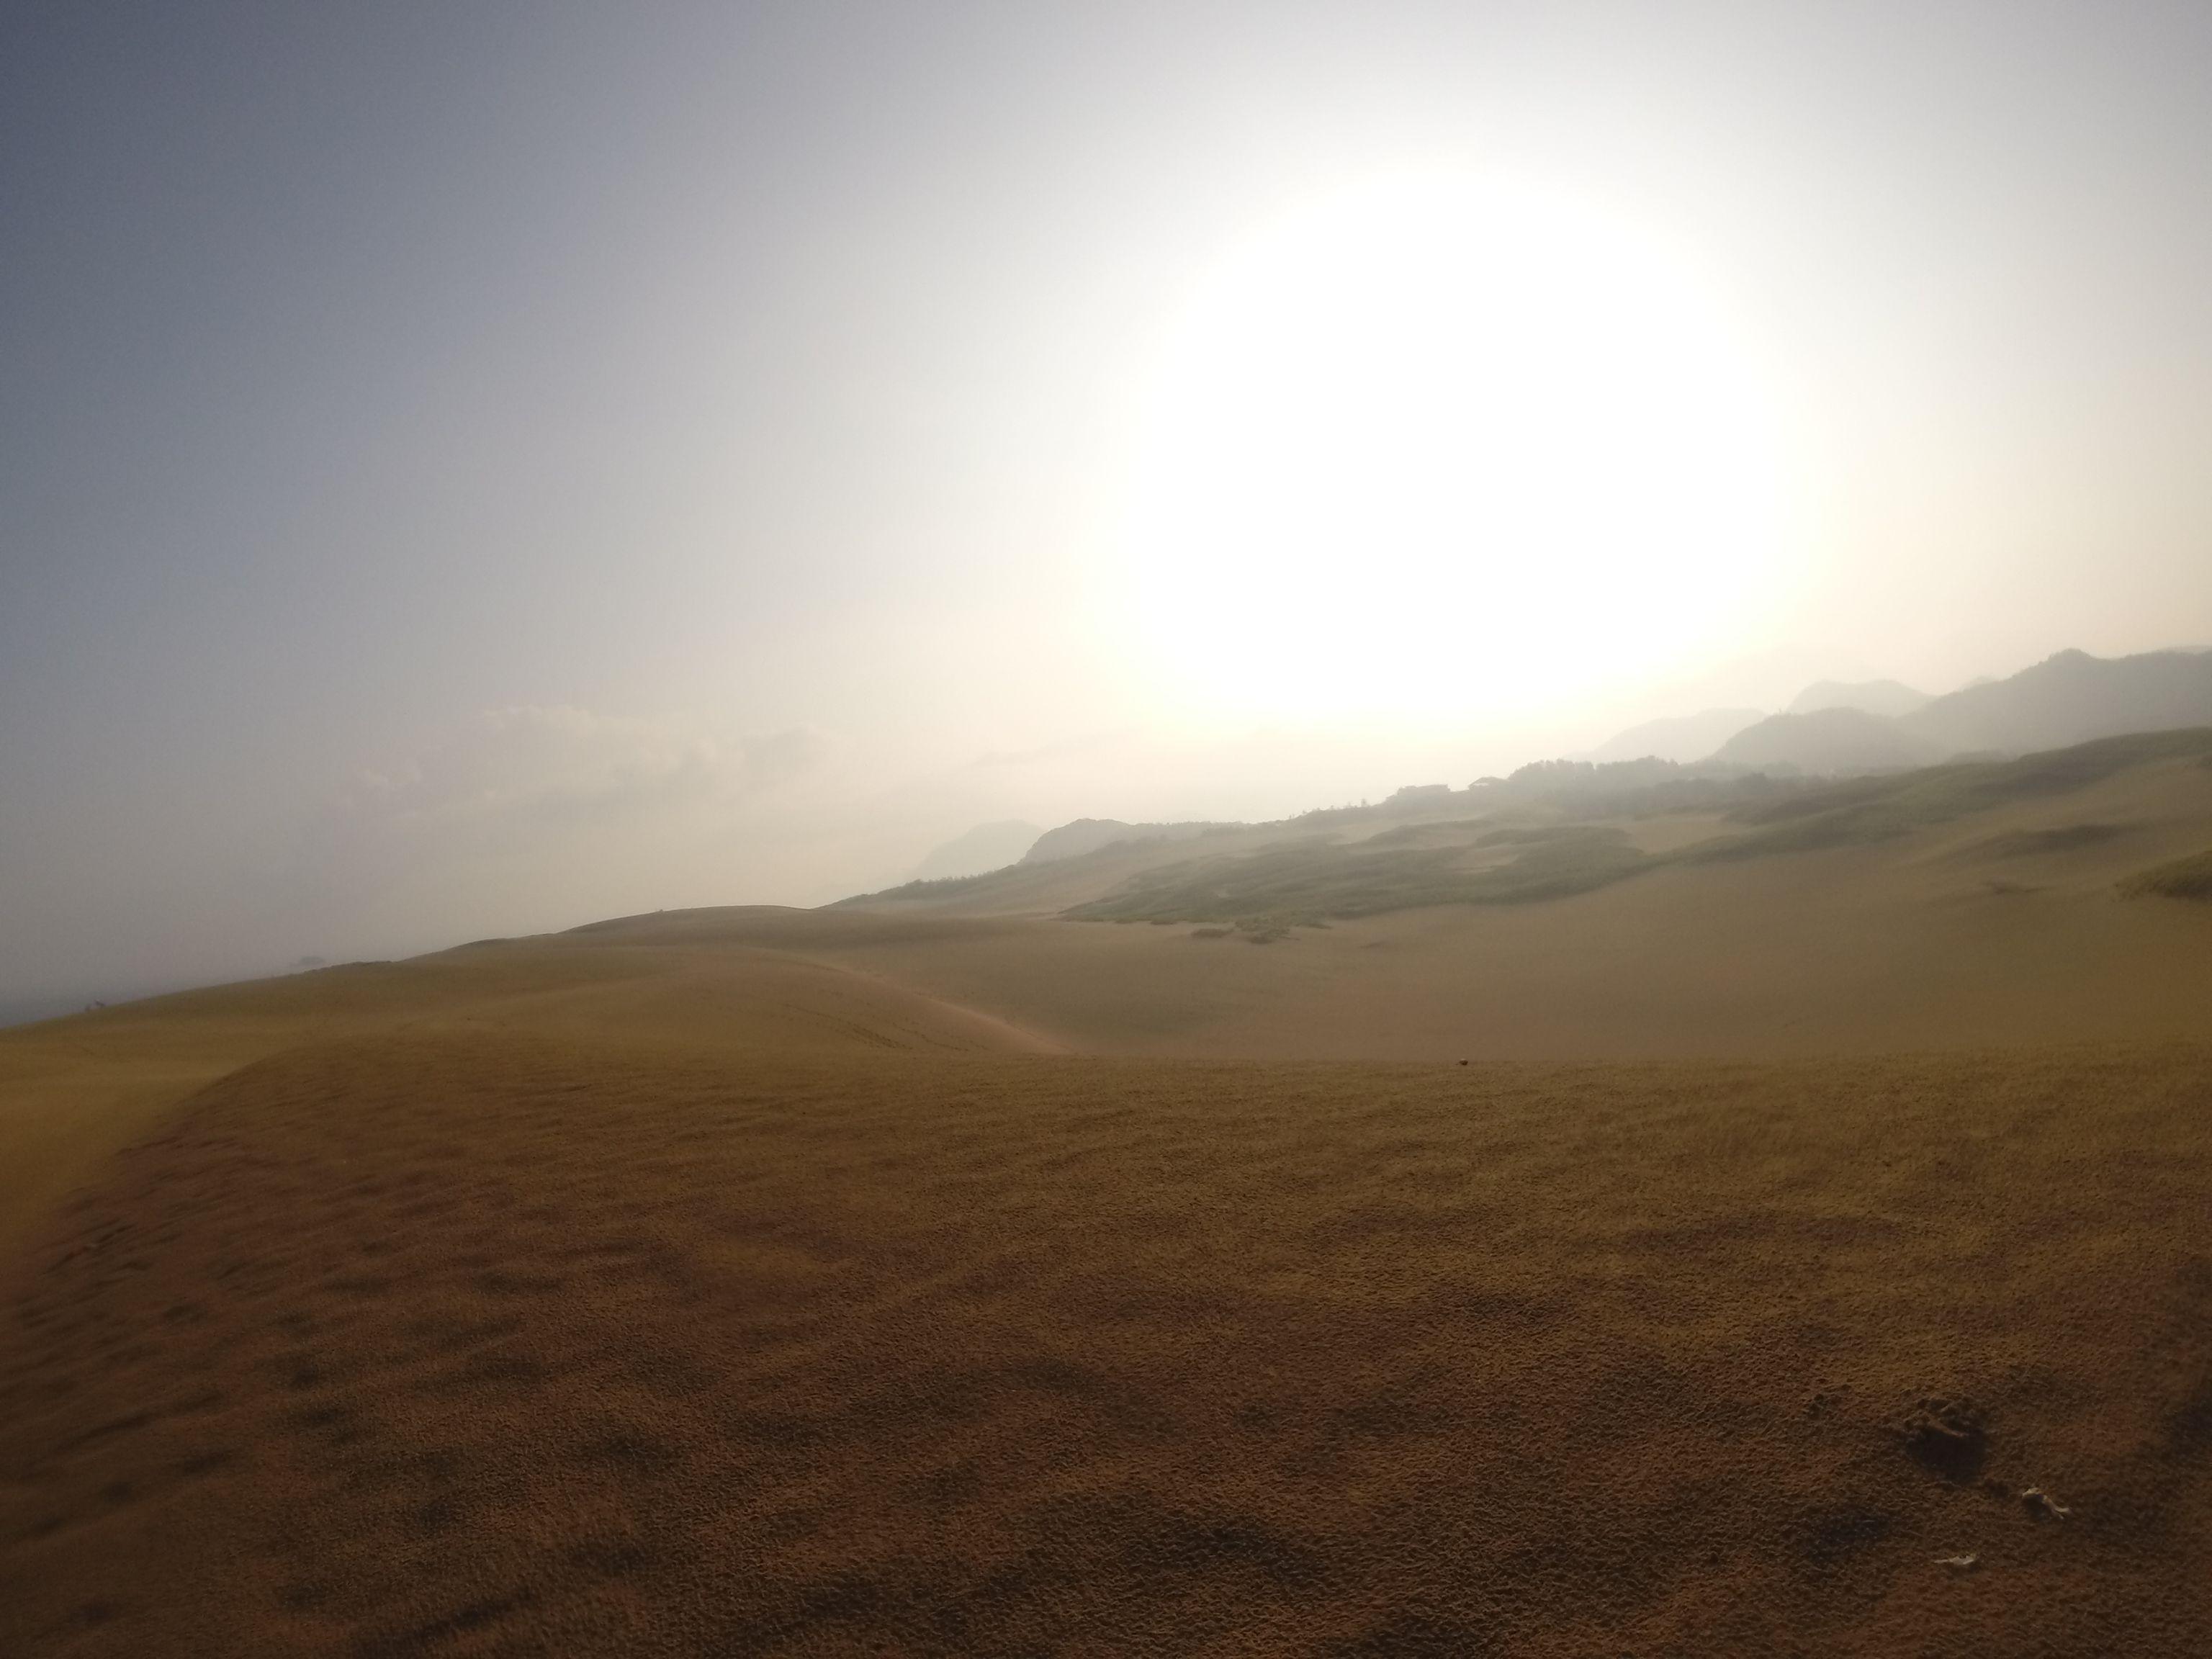 朝もやの中を登りゆく太陽